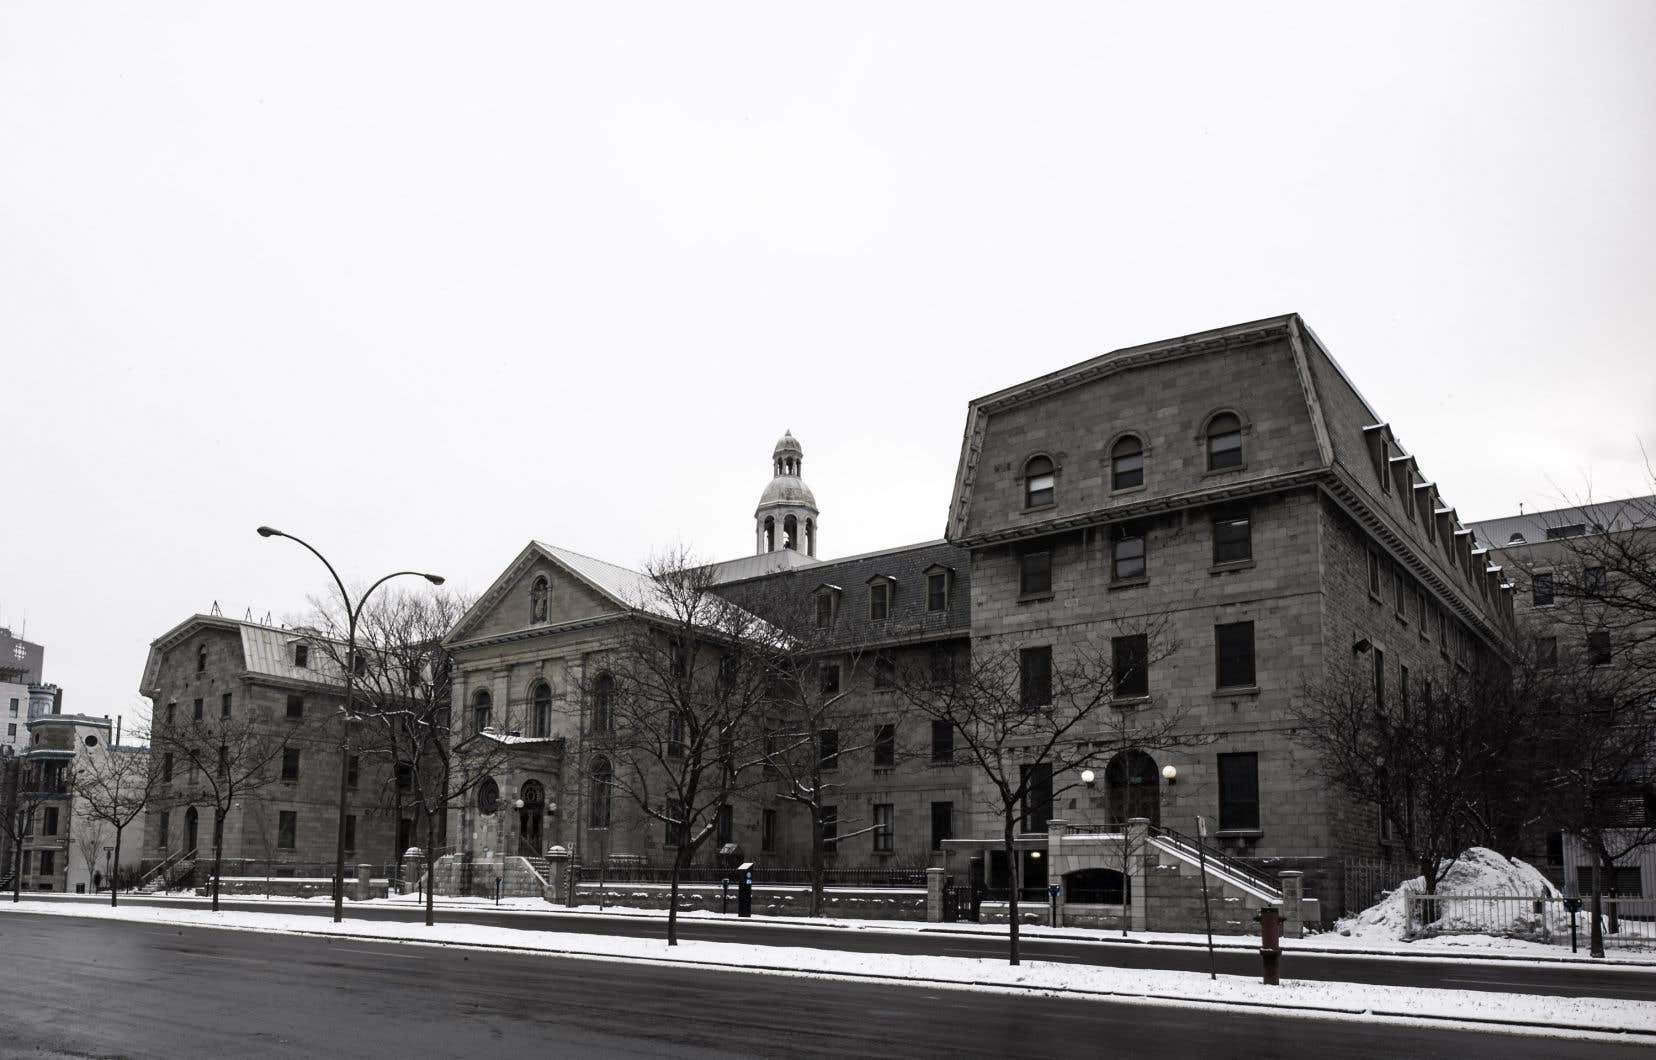 Selon les auteurs, un projet de réaménagement de l'ancien Hôpital de la Miséricode qui n'intégrerait pas un musée serait inacceptable et constituerait un manquement grave à notre devoir de mémoire.